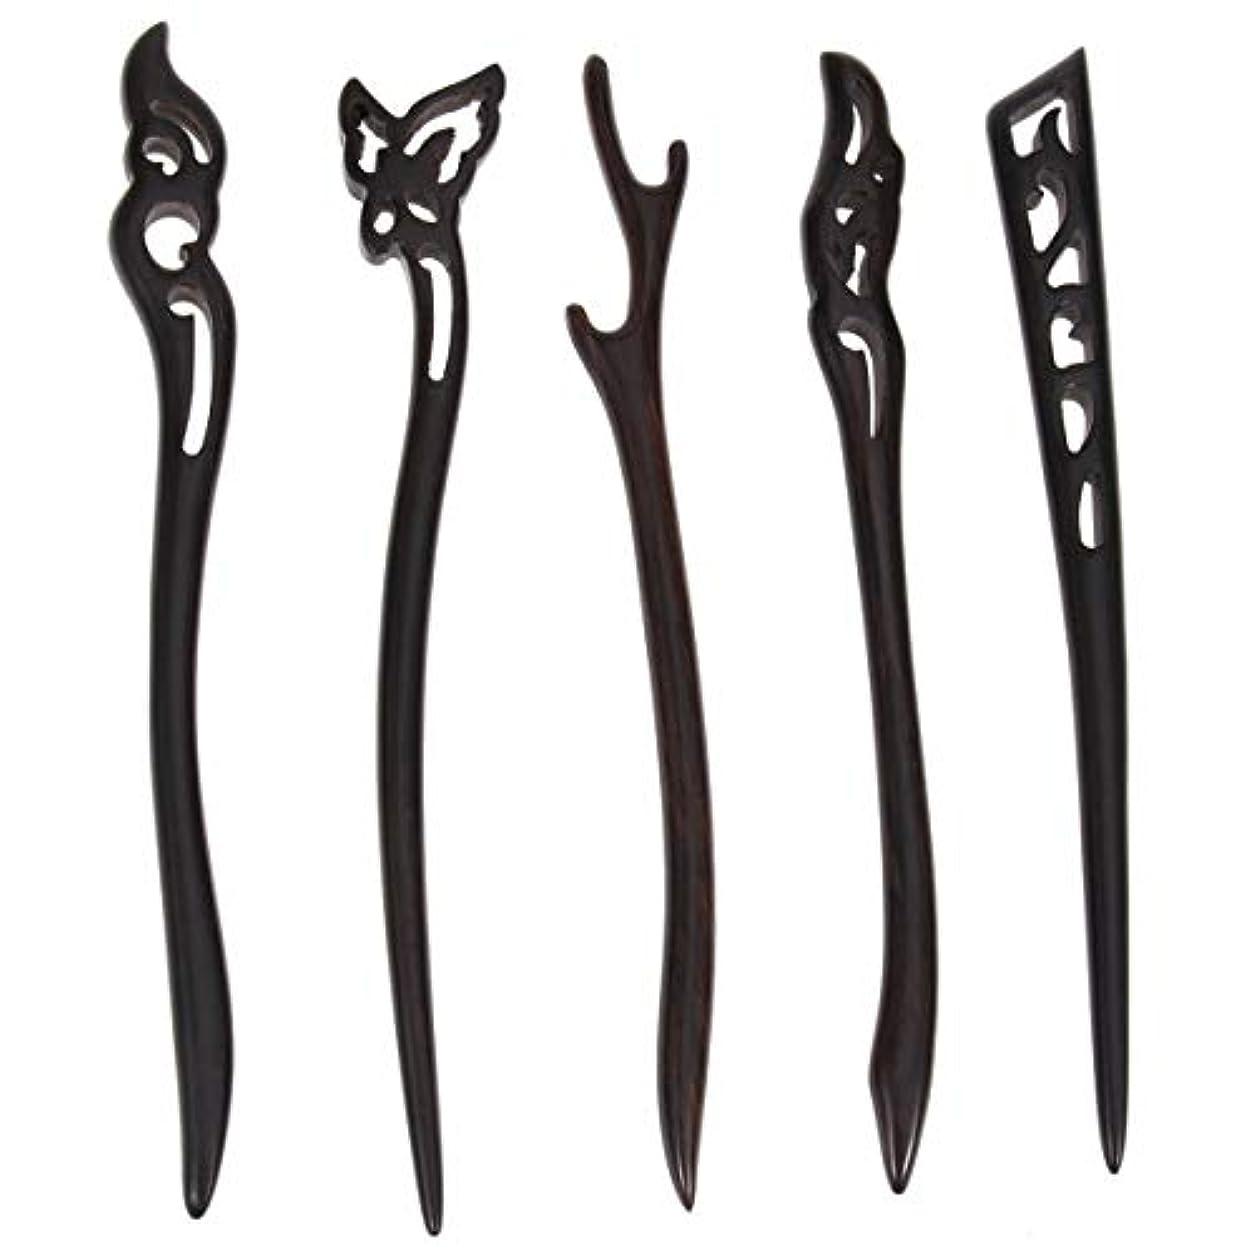 定規マイコン刈るLurrose 5ピース木製ヘアスティック中国髪箸中空彫刻デザイン用女性ロングヘアスタイリング